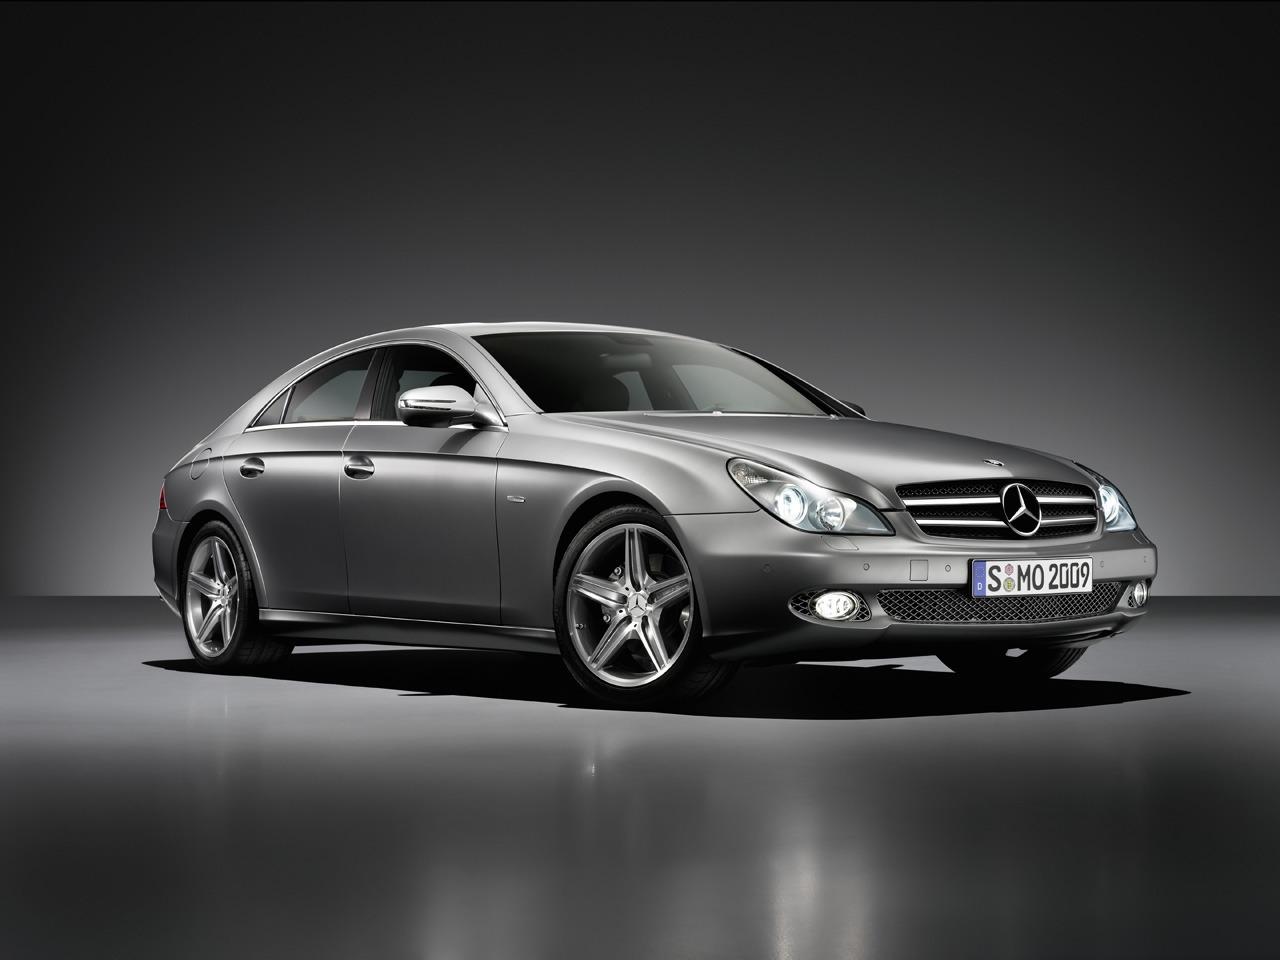 Mercedes benz cls 500 carros extremos for 2009 mercedes benz cls 500